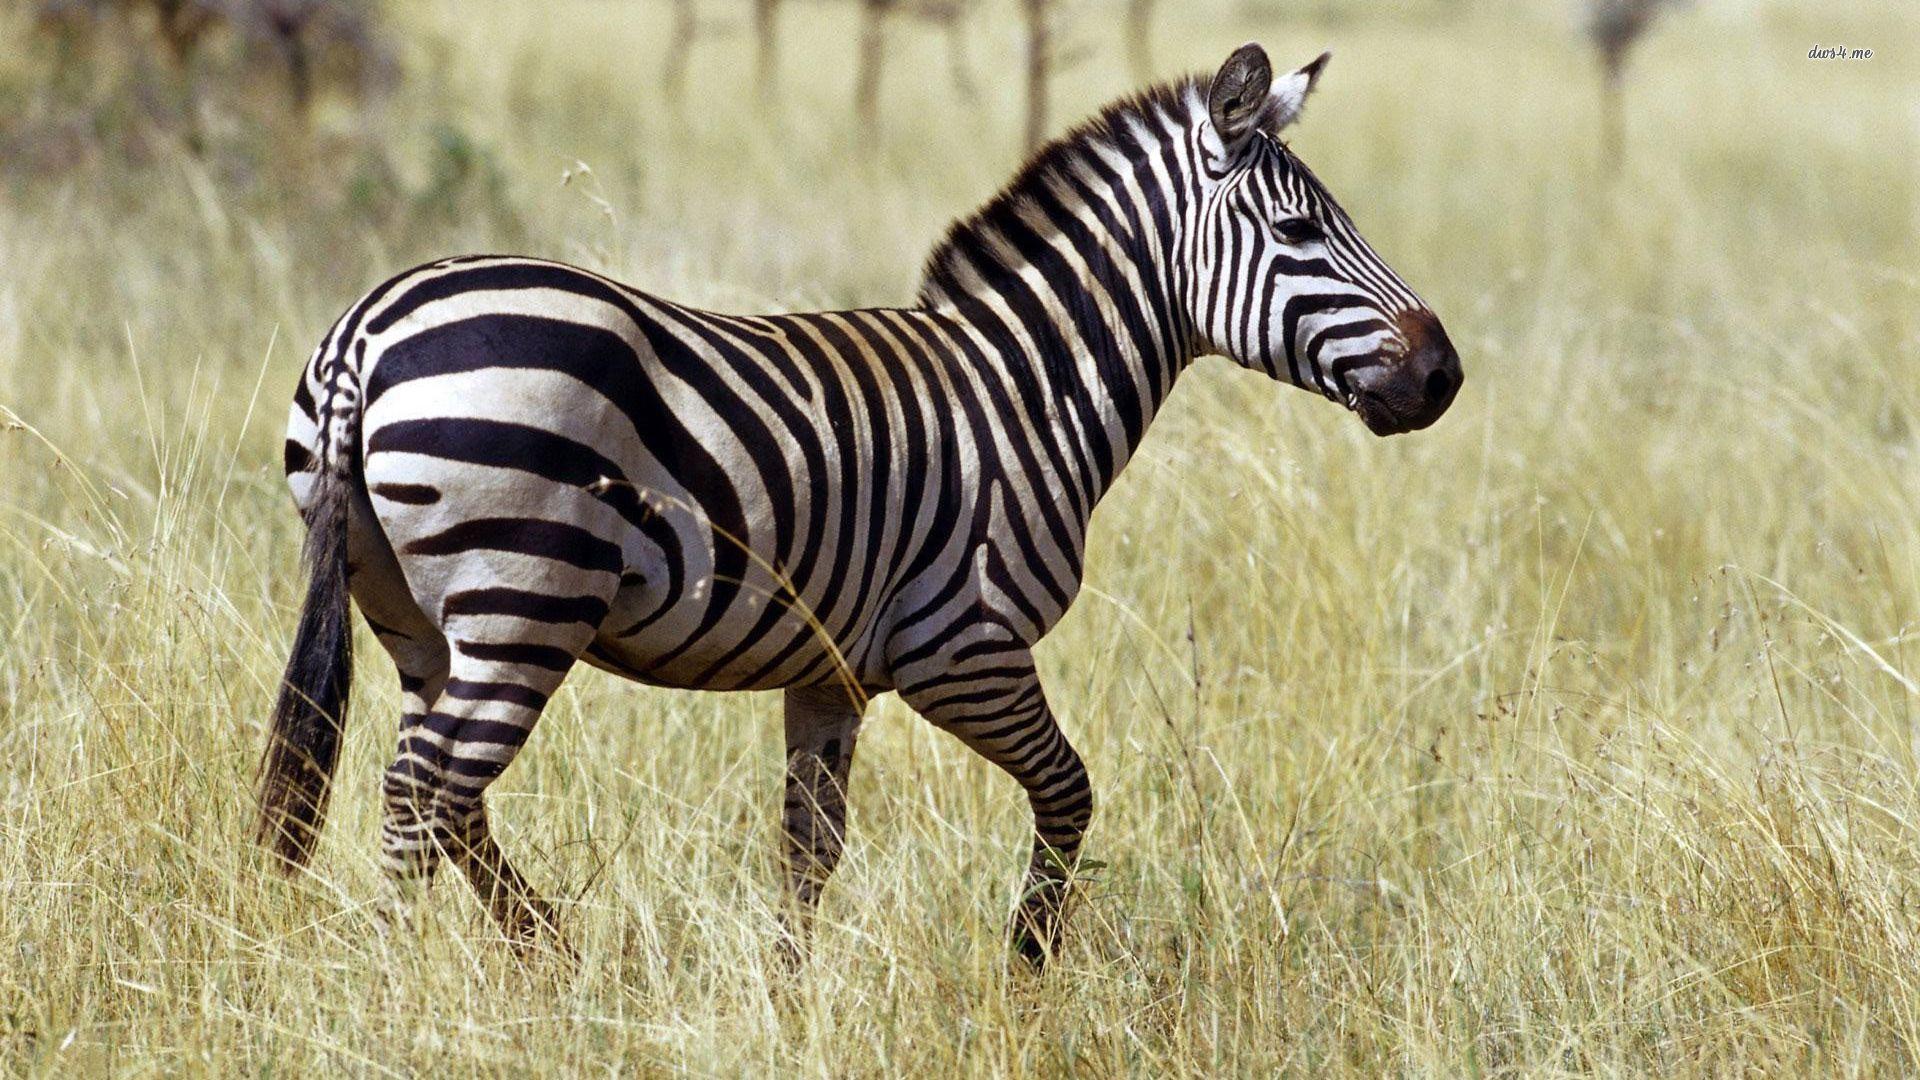 Zebras In Savannah Images